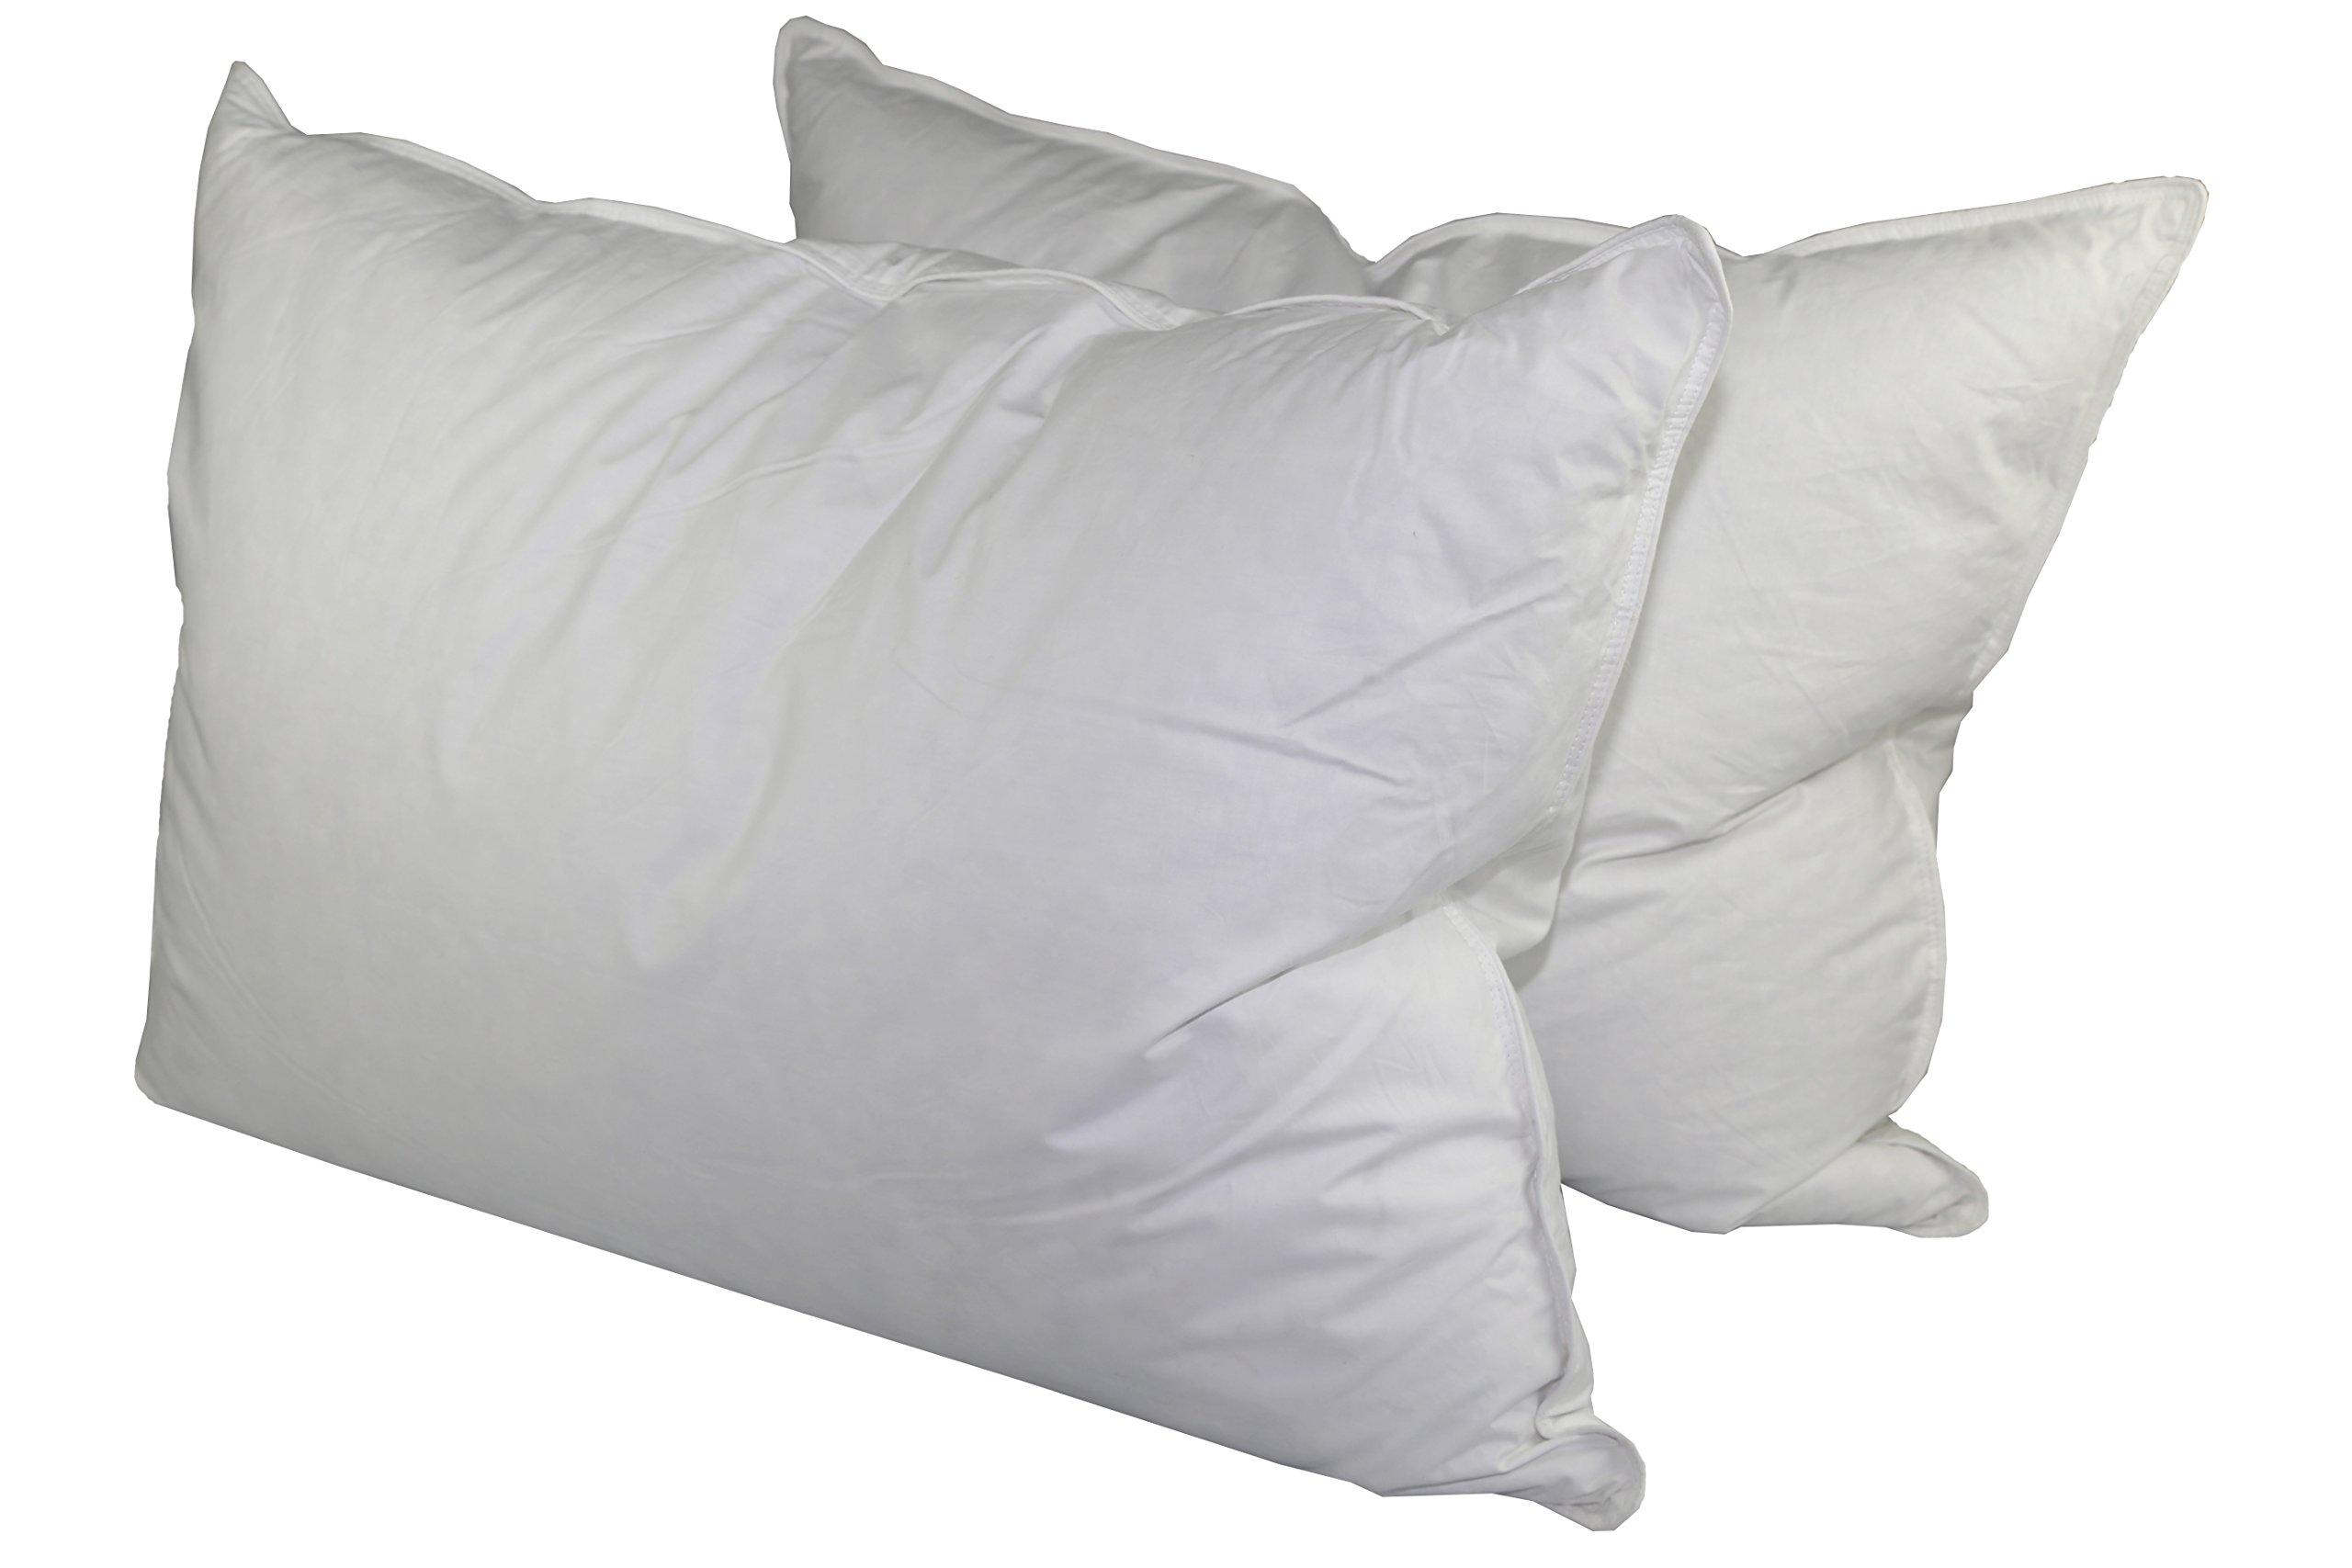 Manchester Mills Down Dreams 4 Standard Pillow Set (4 Pillows)